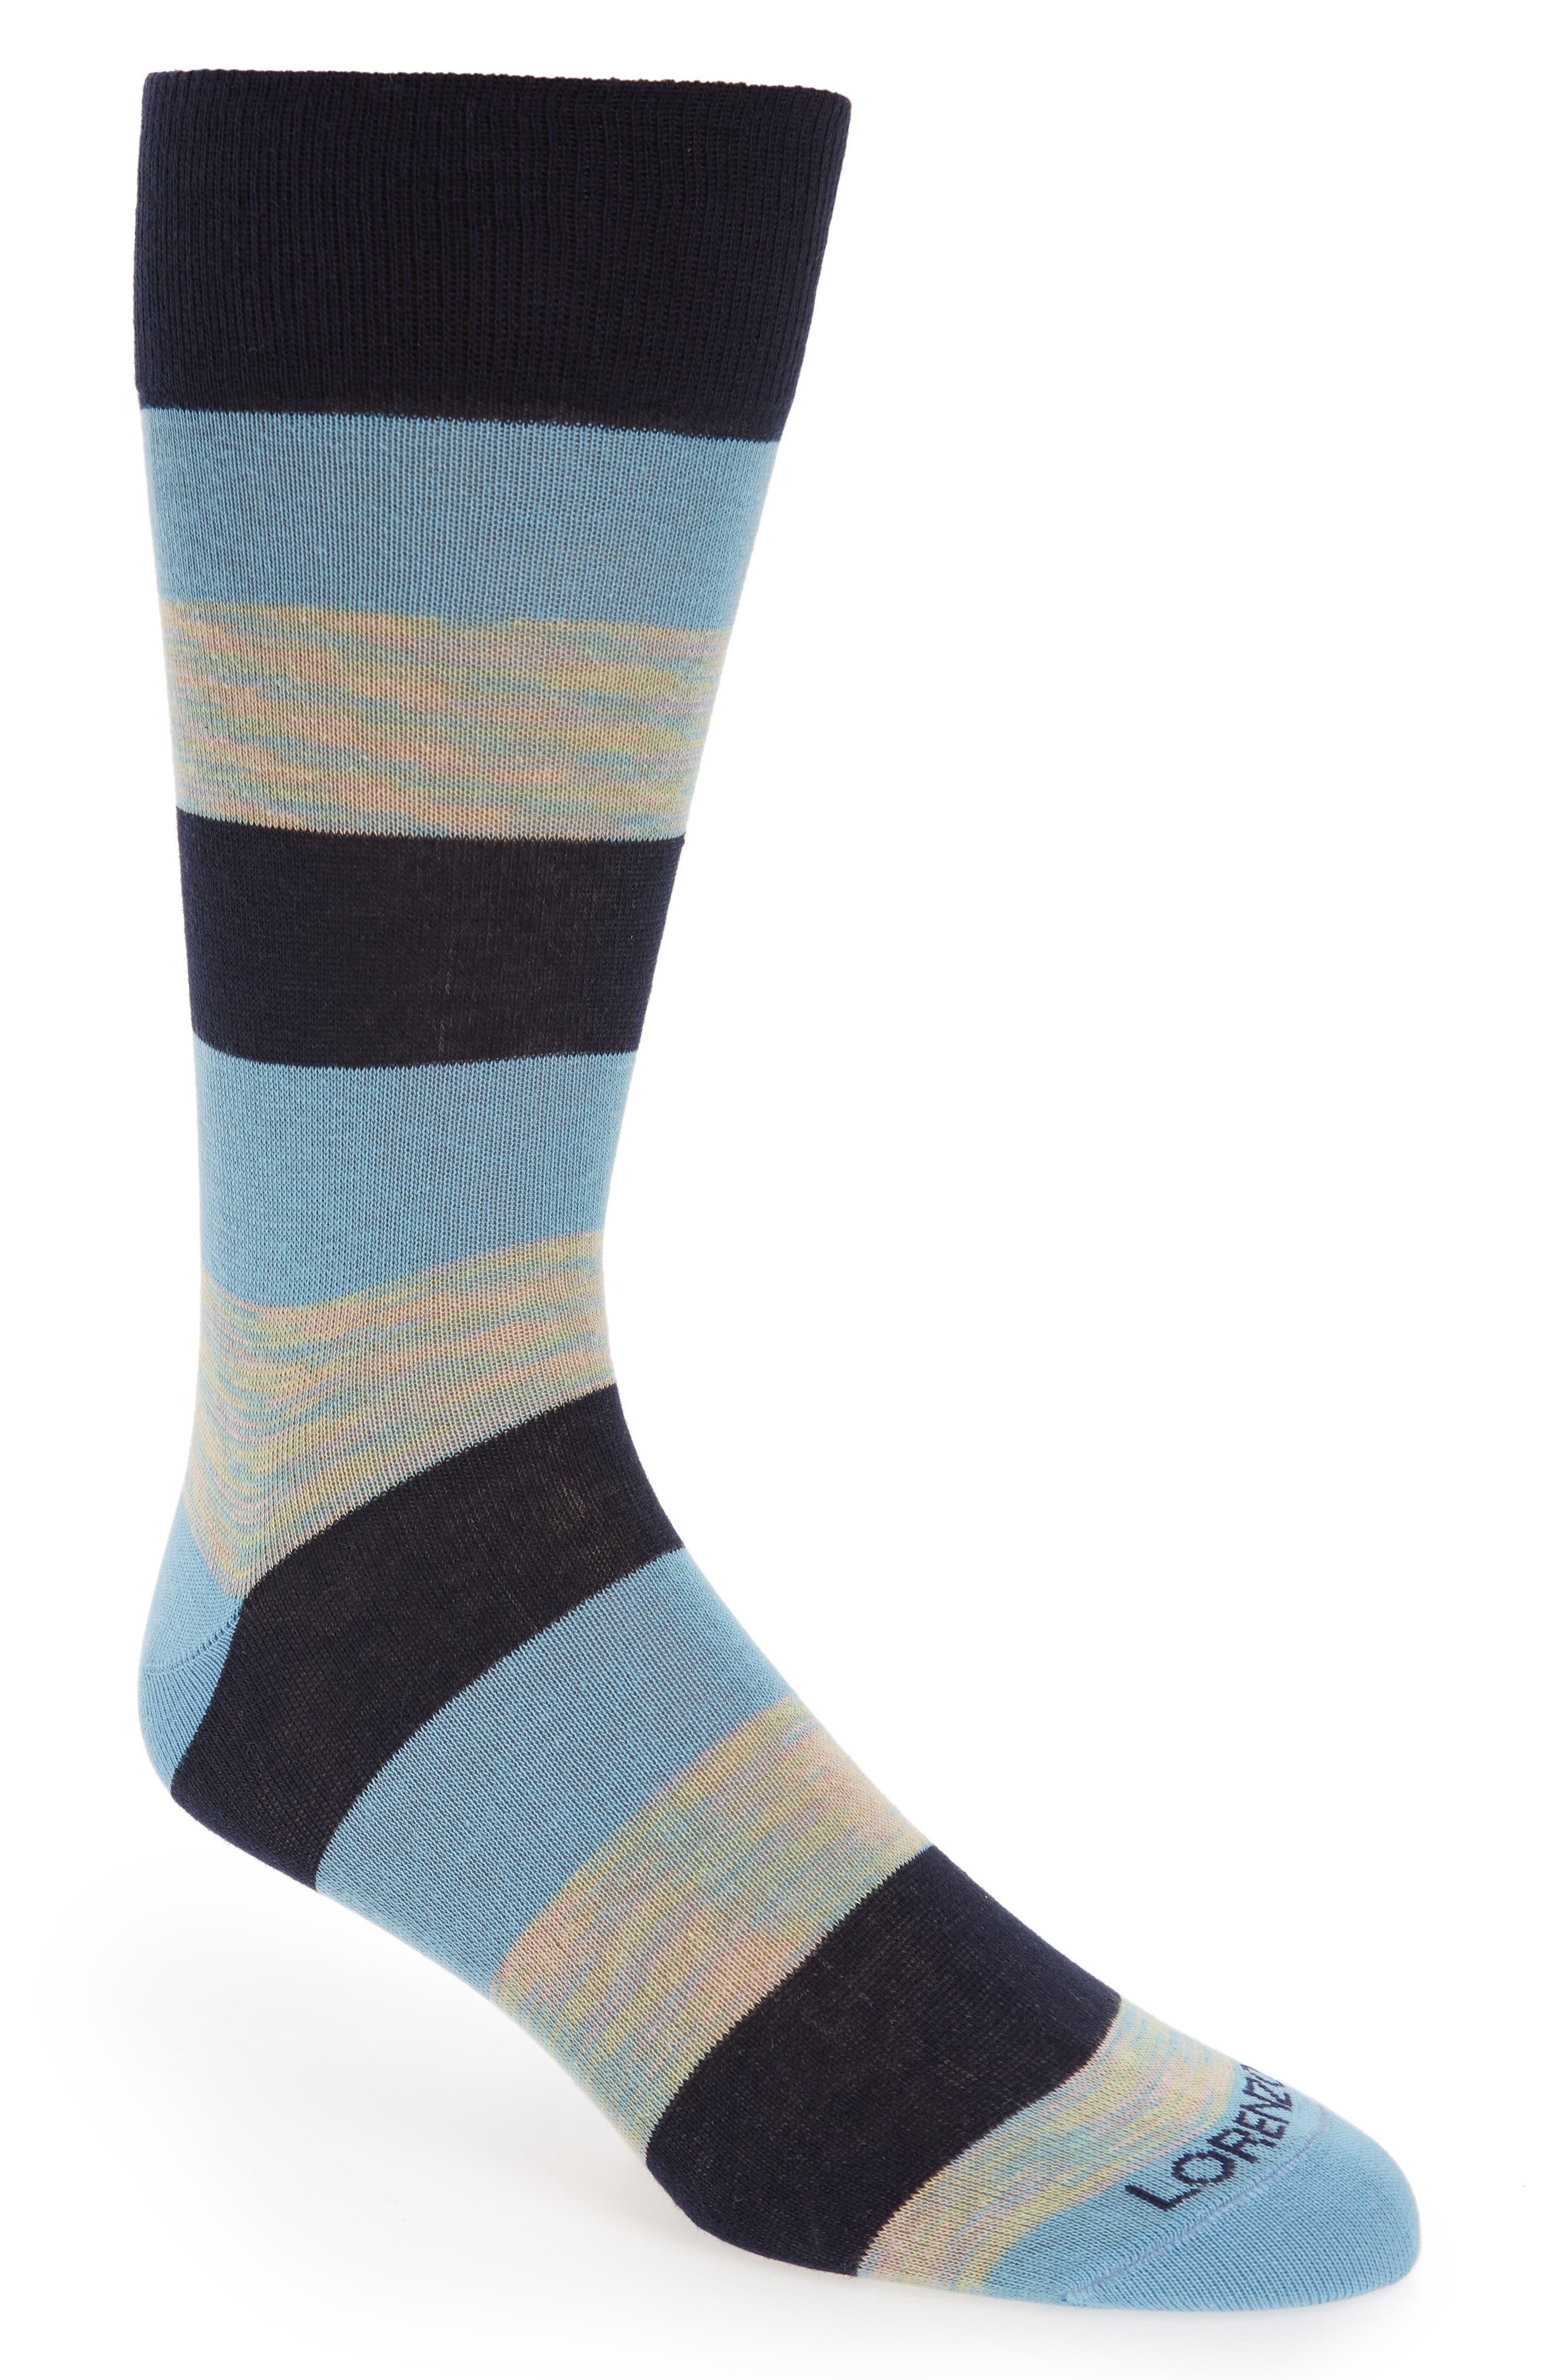 Rugby Stripe Socks,                         Main,                         color, Light Blue